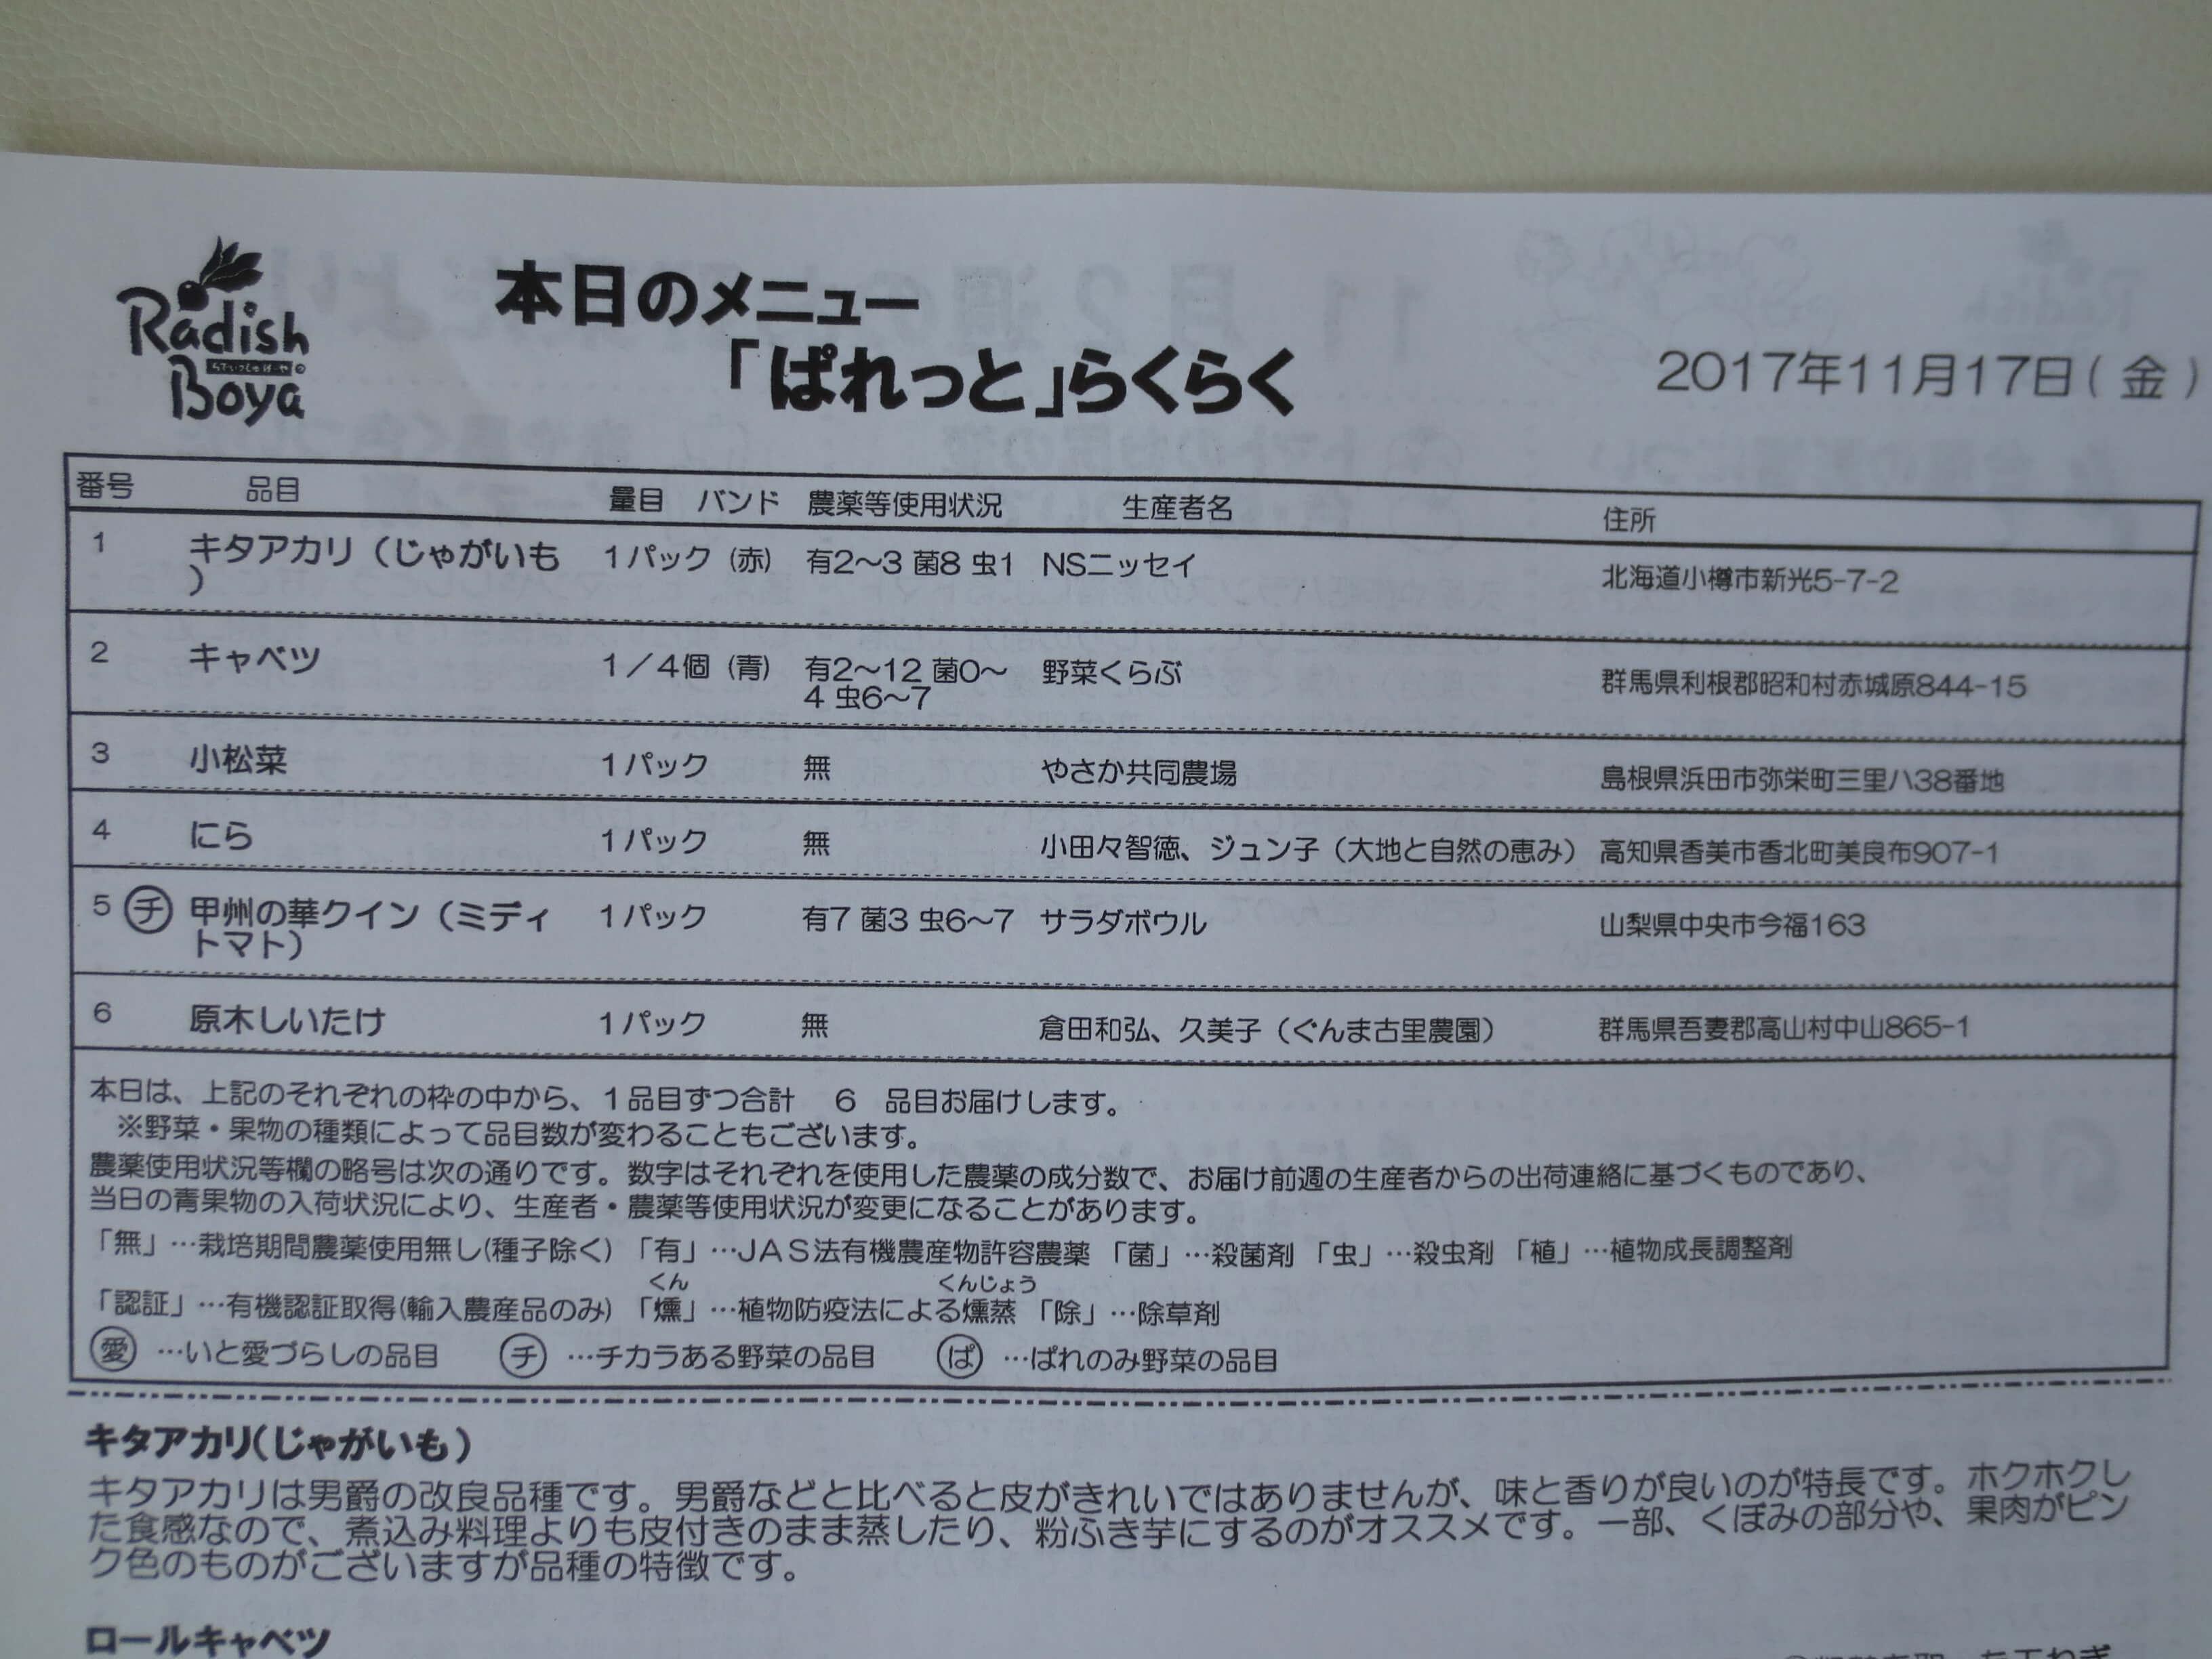 らでぃっしゅぼーや・らくらくパレット・口コミ・評判3